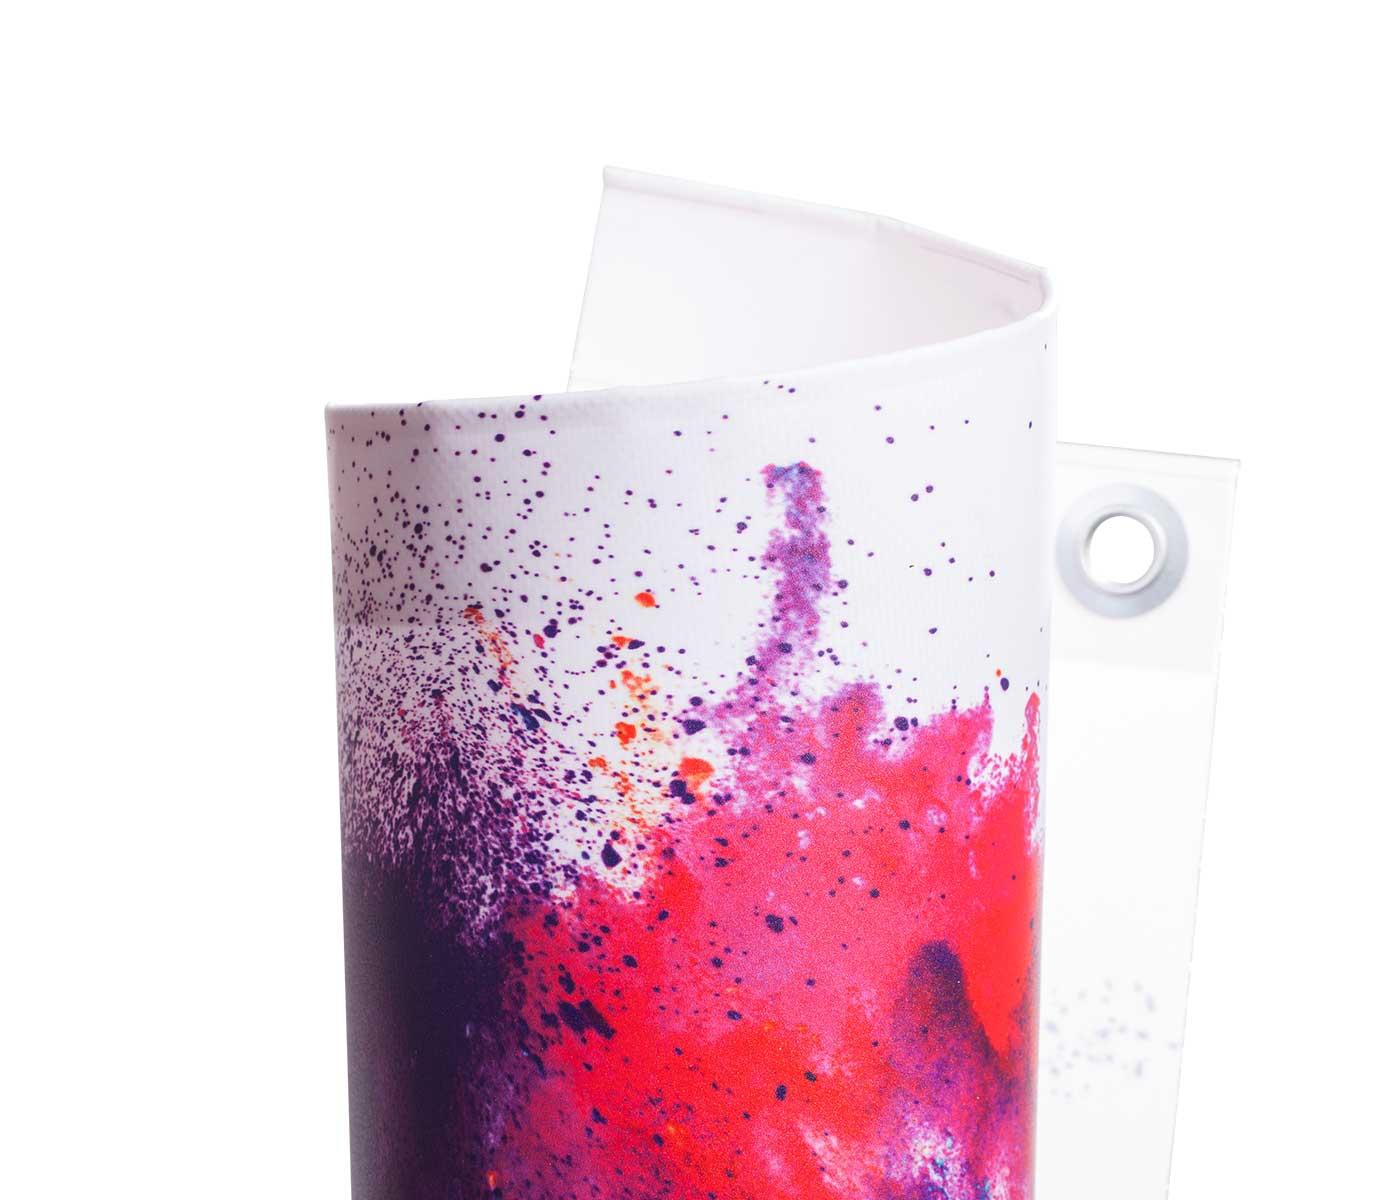 Eingerolltes, farbig bedrucktes PVC Blacklite 510g Material mit Oese leicht gedreht